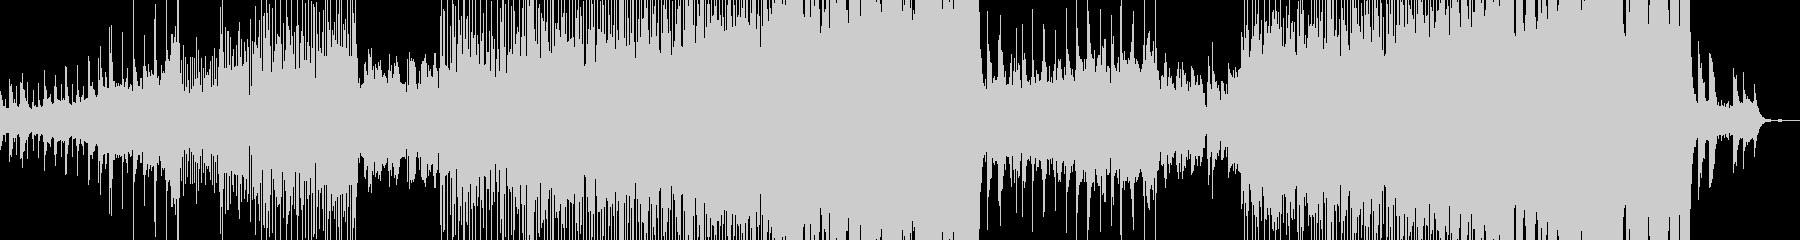 以前の歌トラックをChops使用の未再生の波形